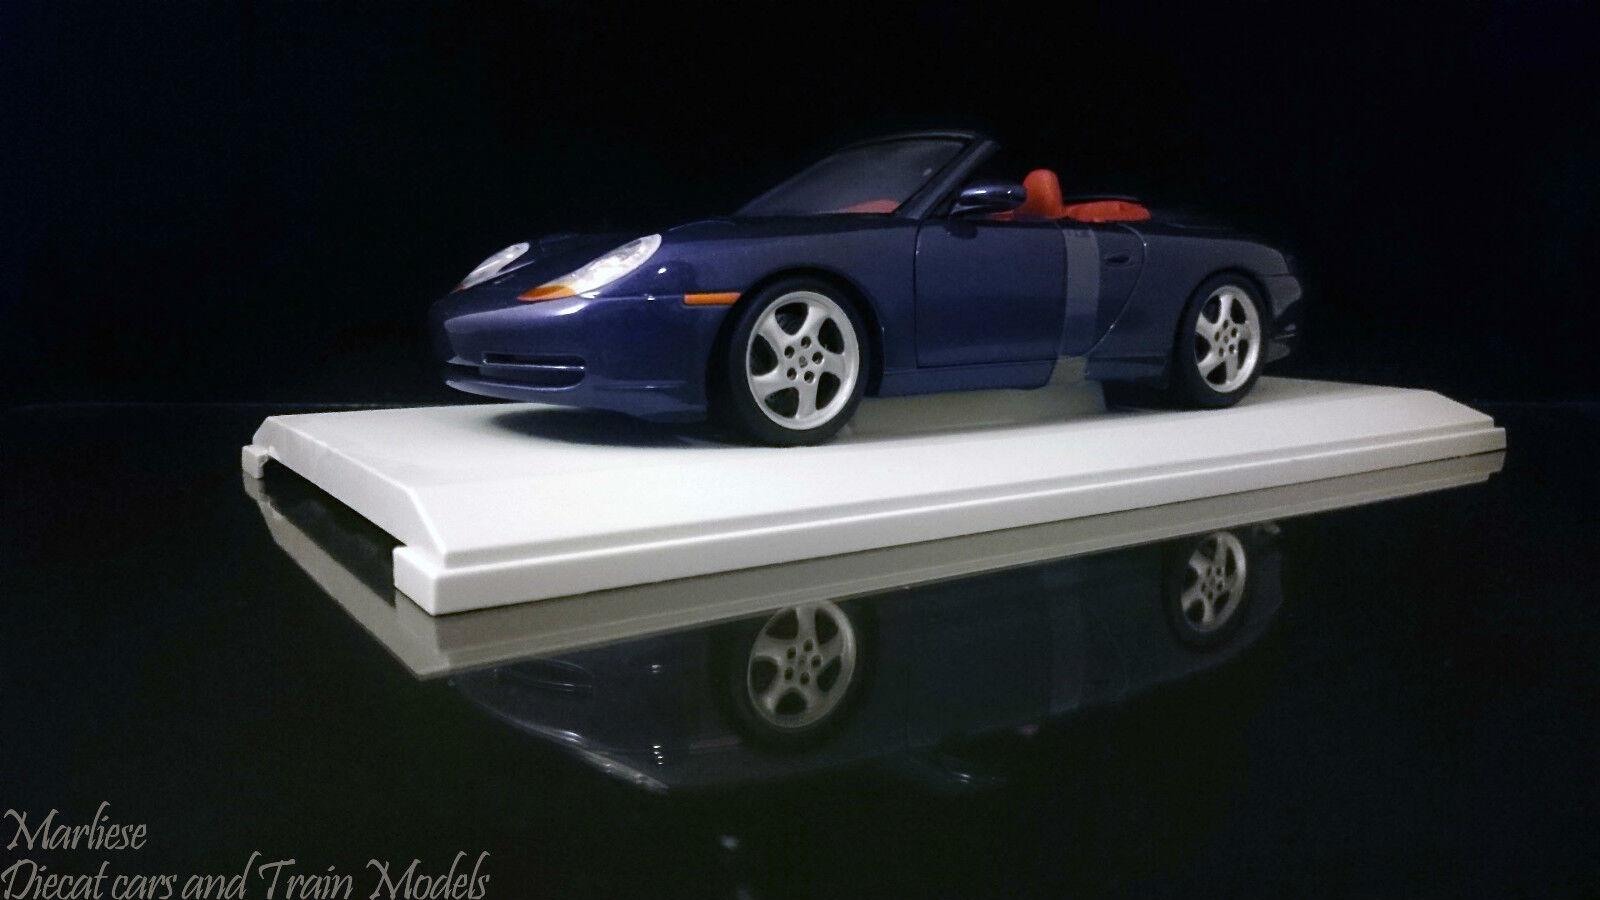 Selten aber modelle porsche 911 cabrio (18)